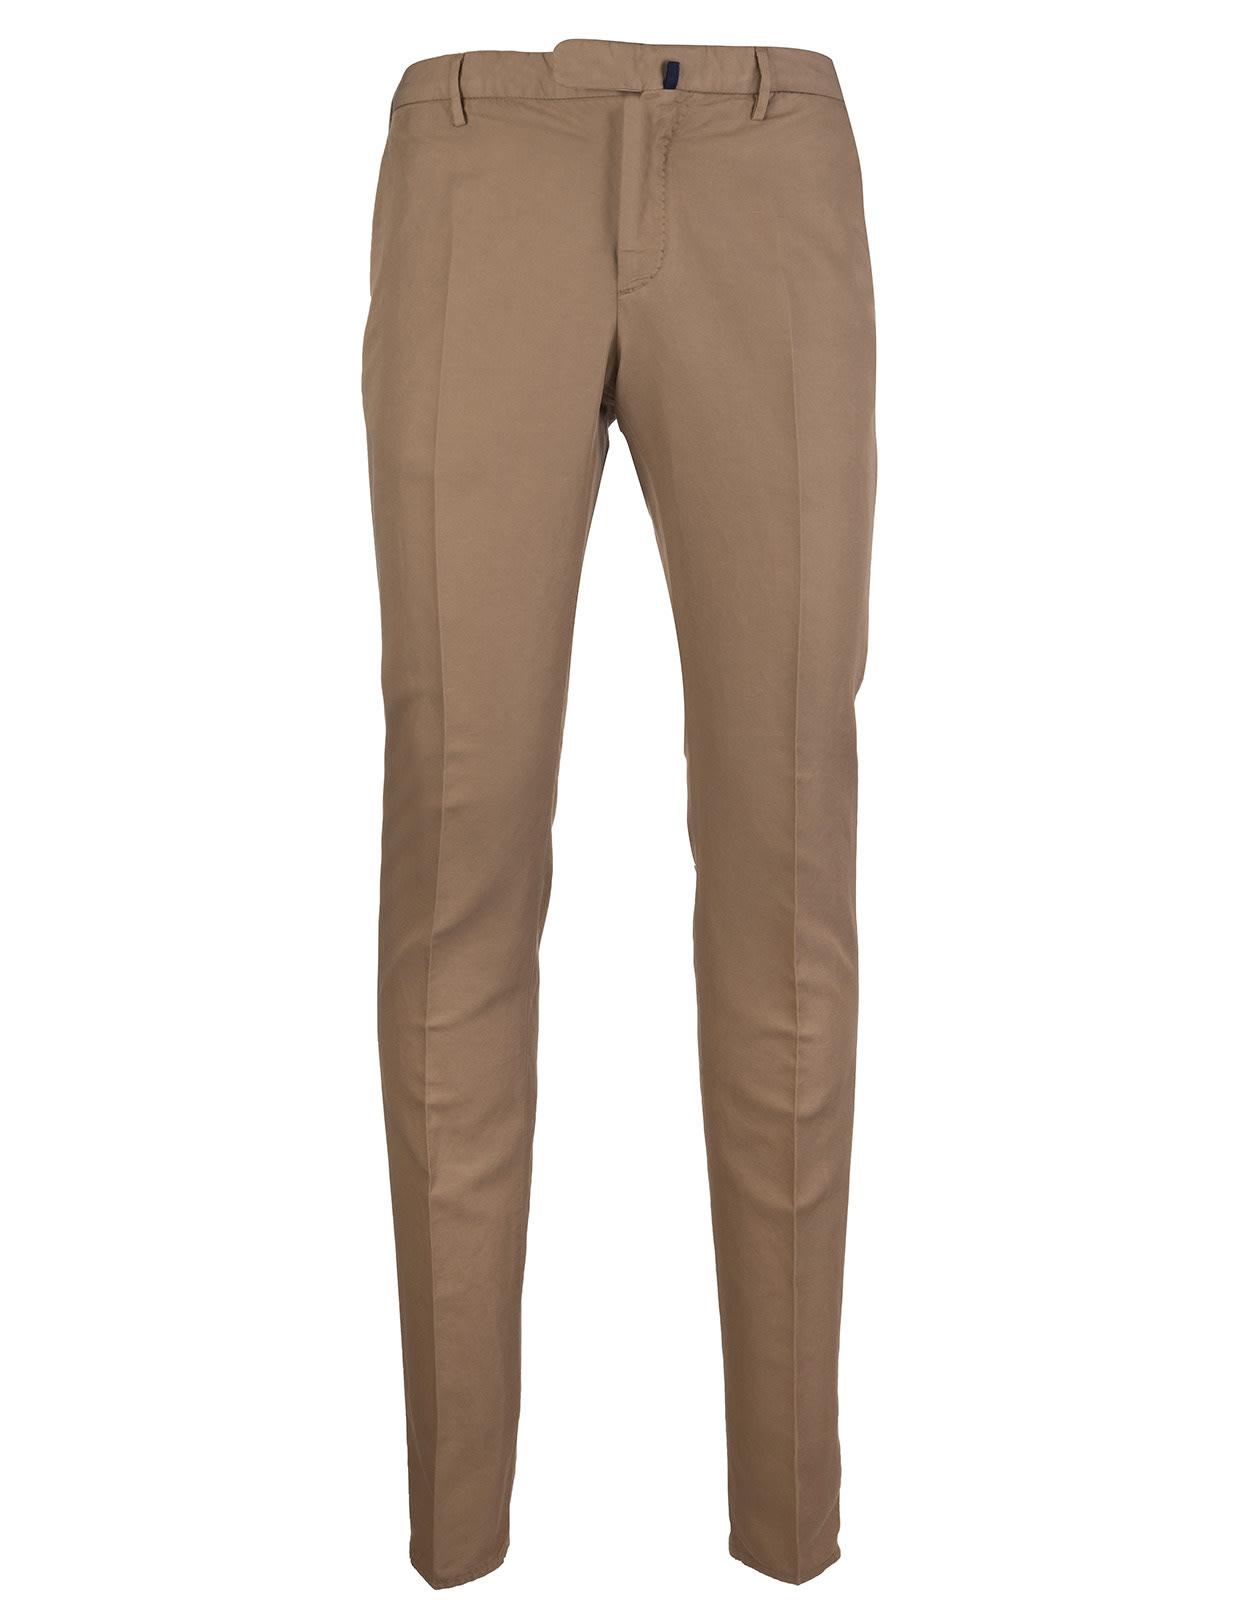 Dark Beige Cotton And Linen Venezia 1951 Pants